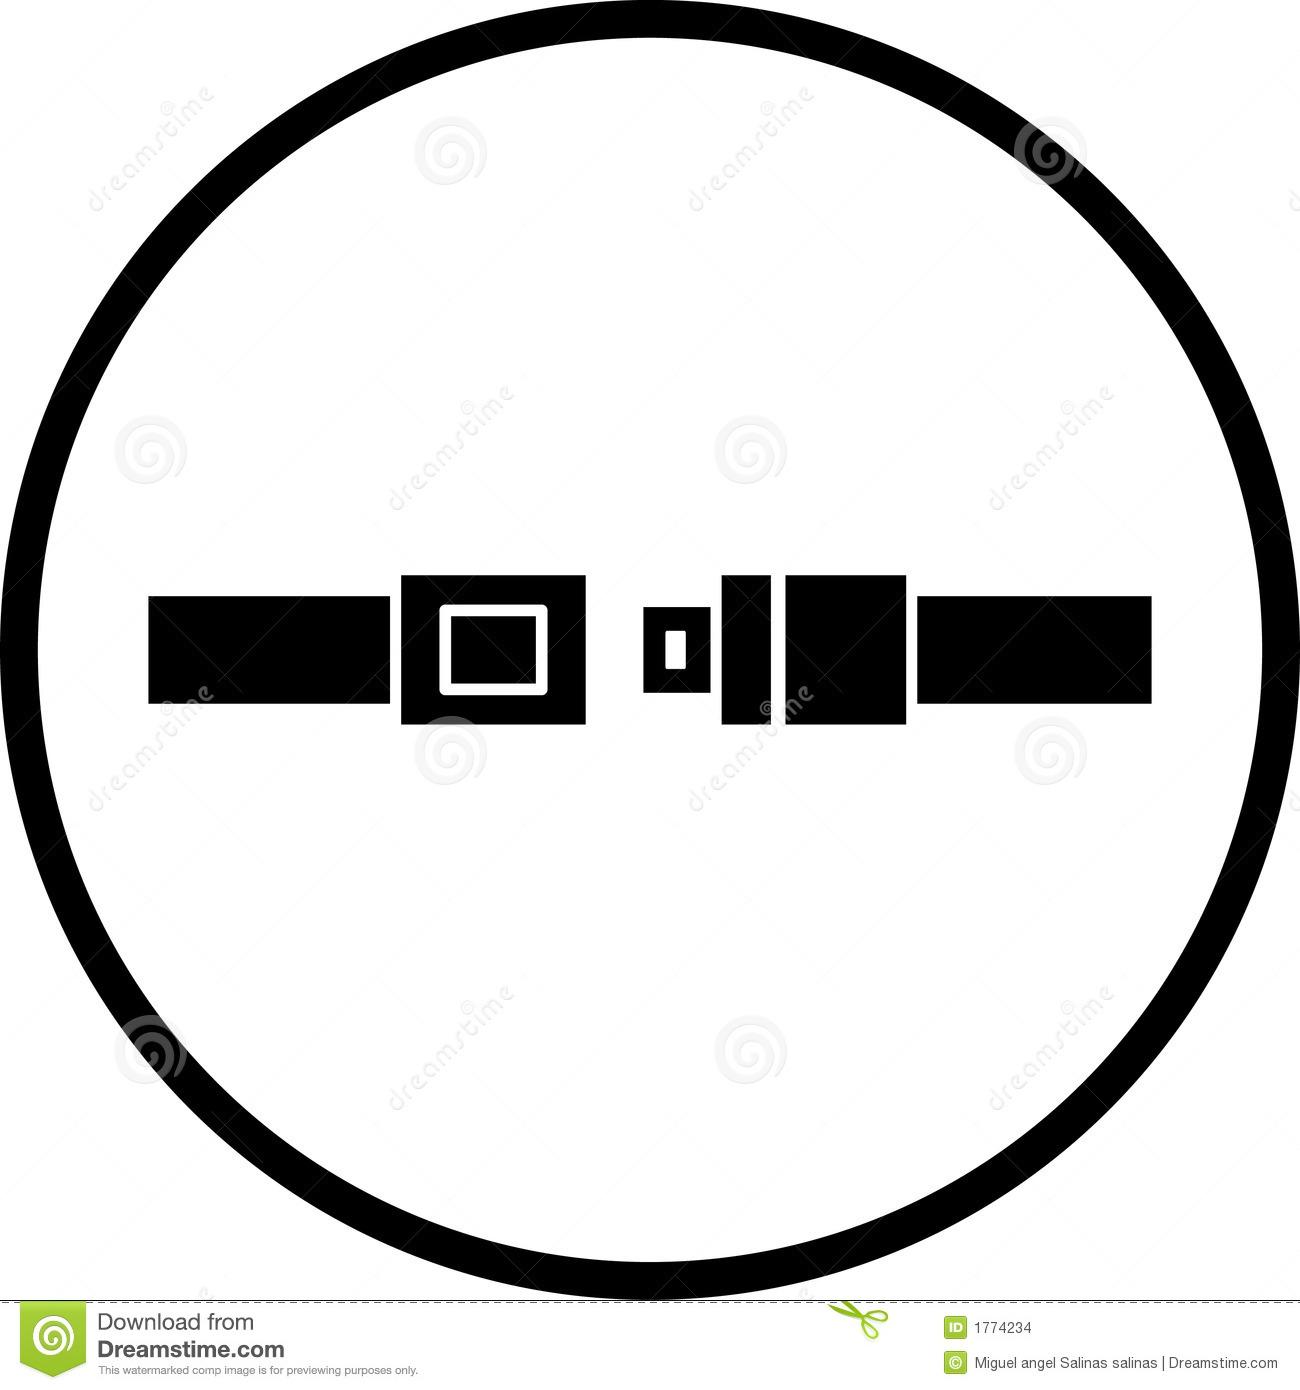 Fasten Seat Belt Clipart